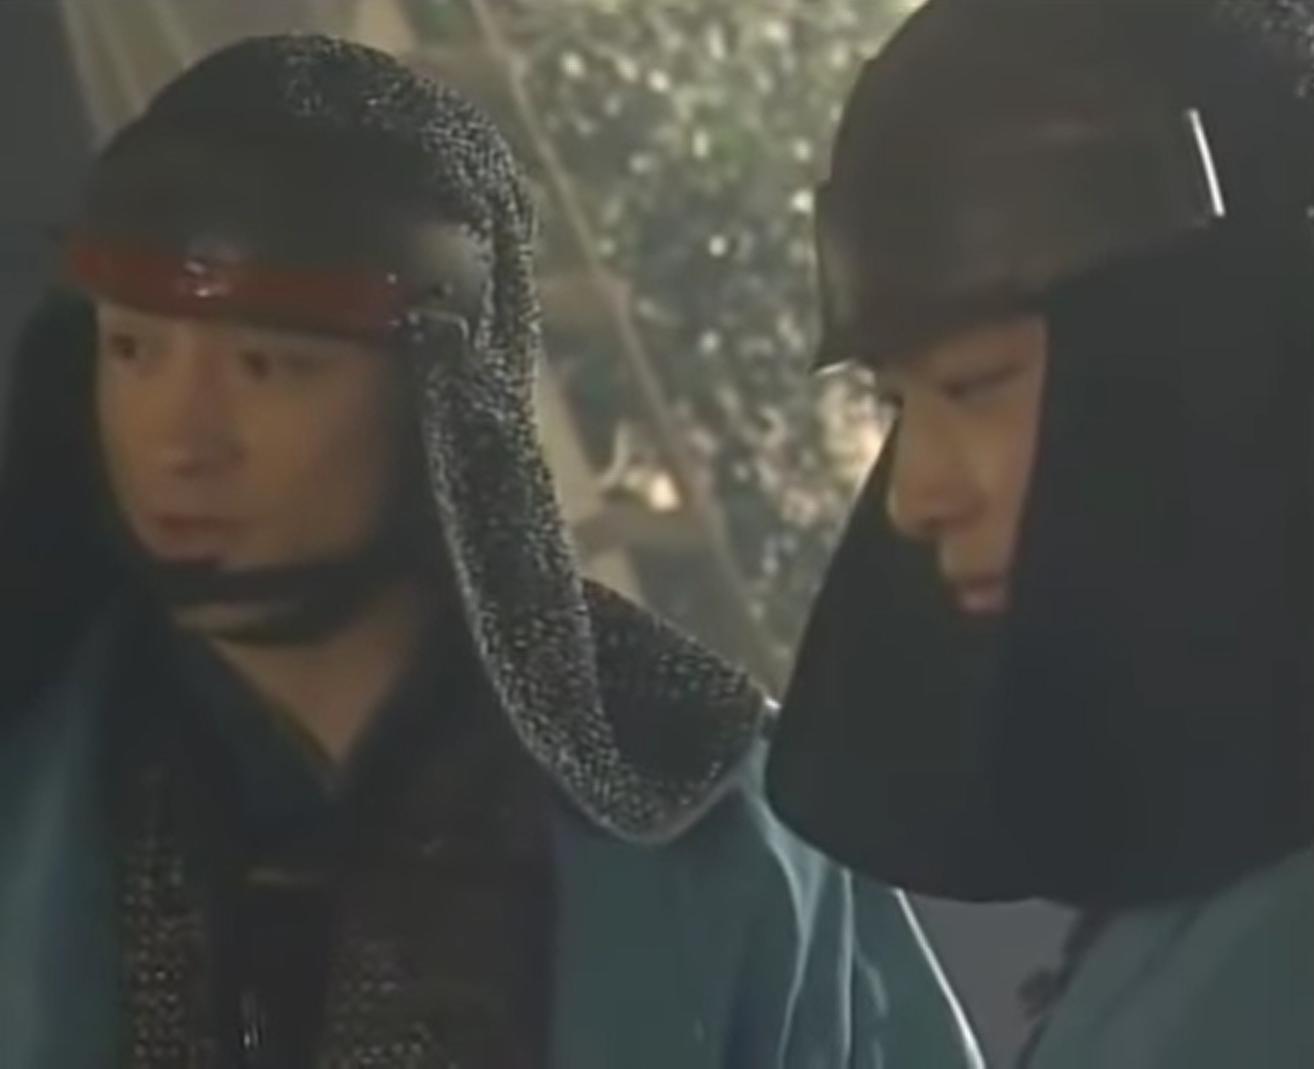 大河 ドラマ 2020 いつから NHK大河ドラマ「青天を衝け」はいつからいつまで放送? TAKA